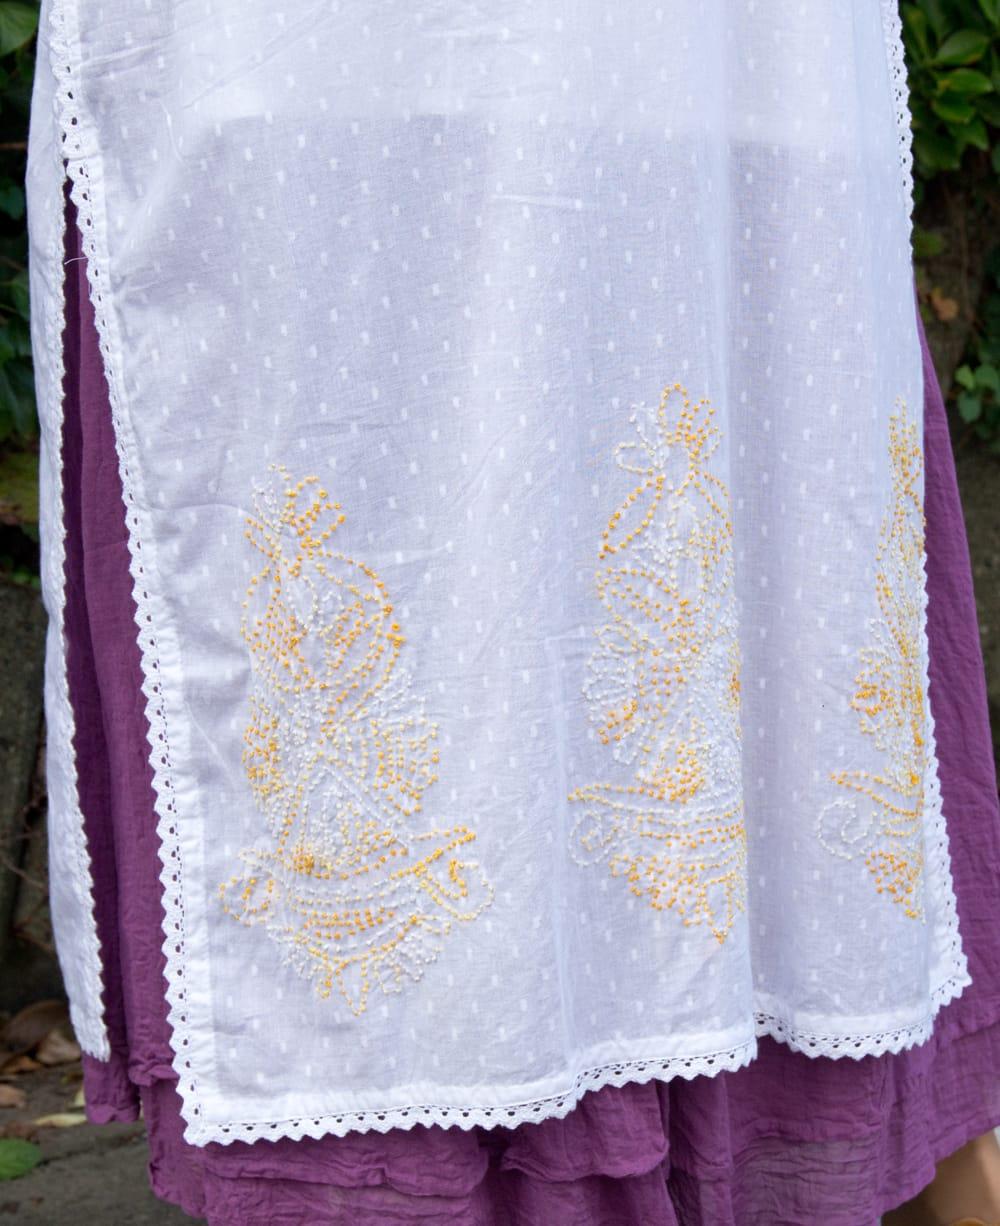 インナー付きが嬉しい!ホワイトドット生地の刺繍クルティ 6 - 裾にも刺繍が施されています。